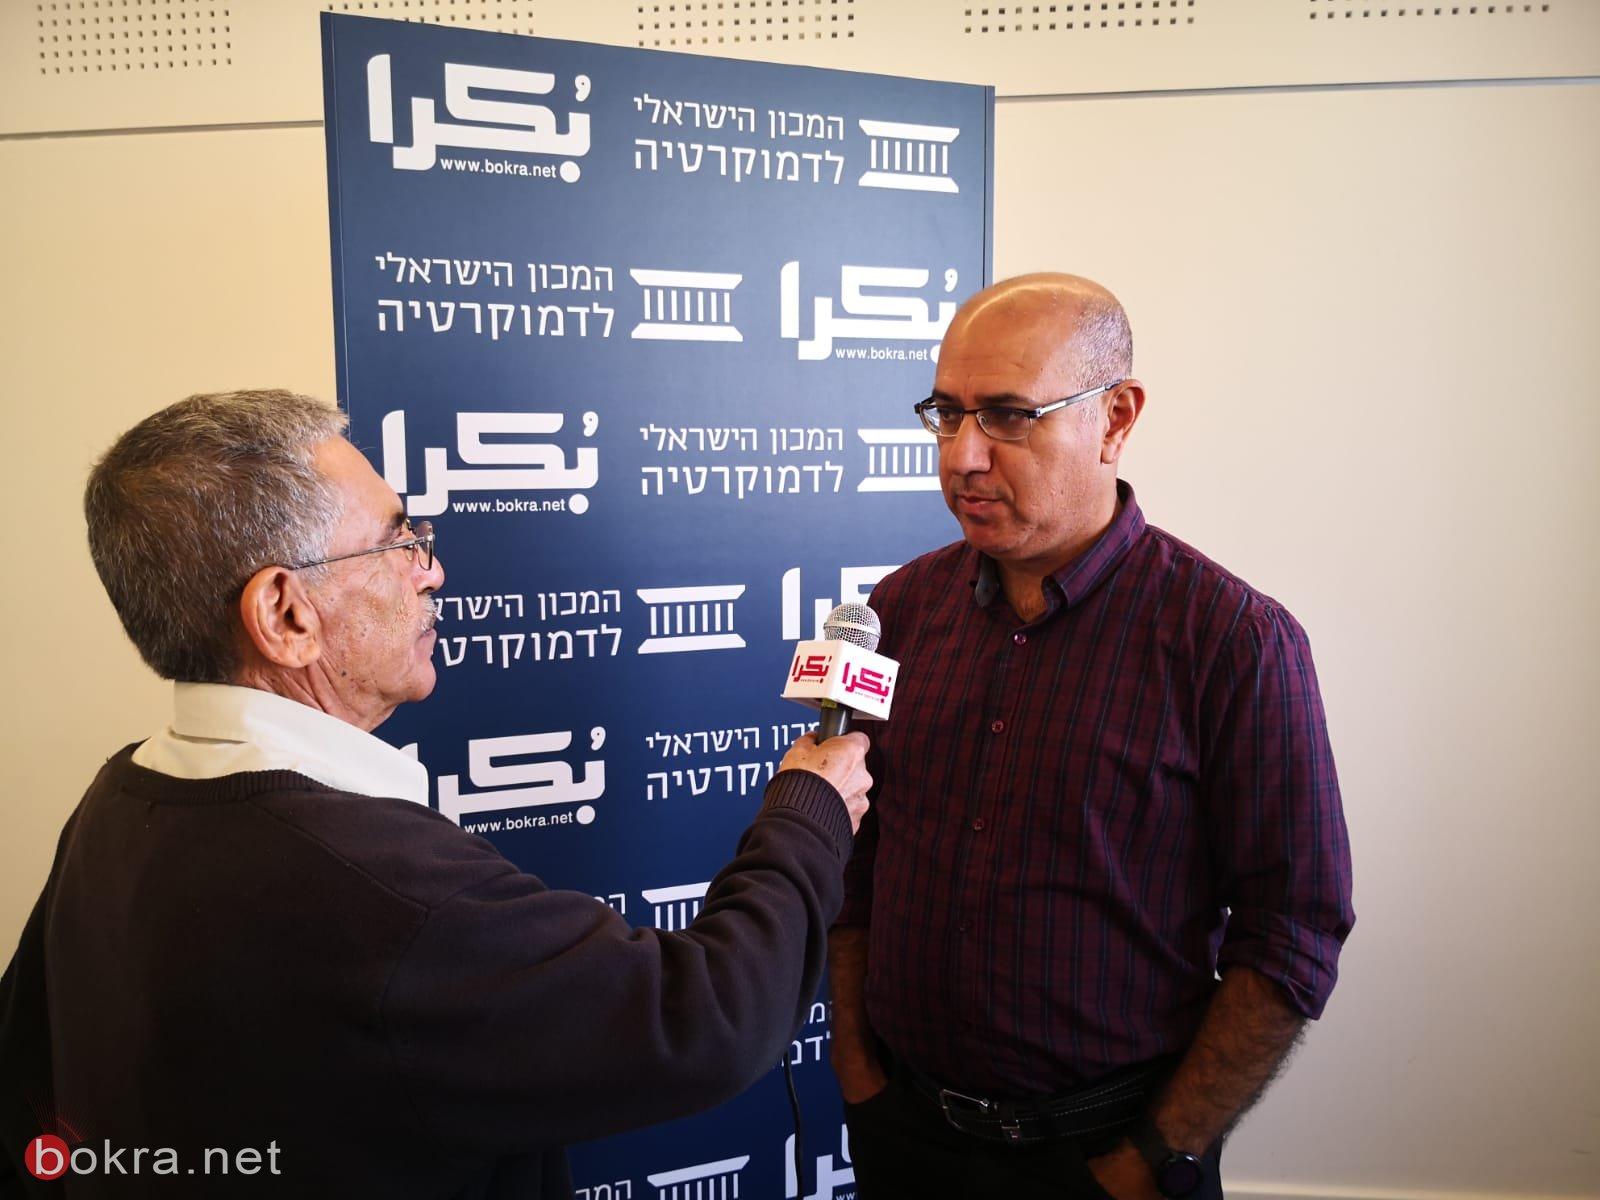 العنف في المجتمع العربي، أسبابه، والحلول لمكافحته؟ .. يوم دراسي في الناصرة-146